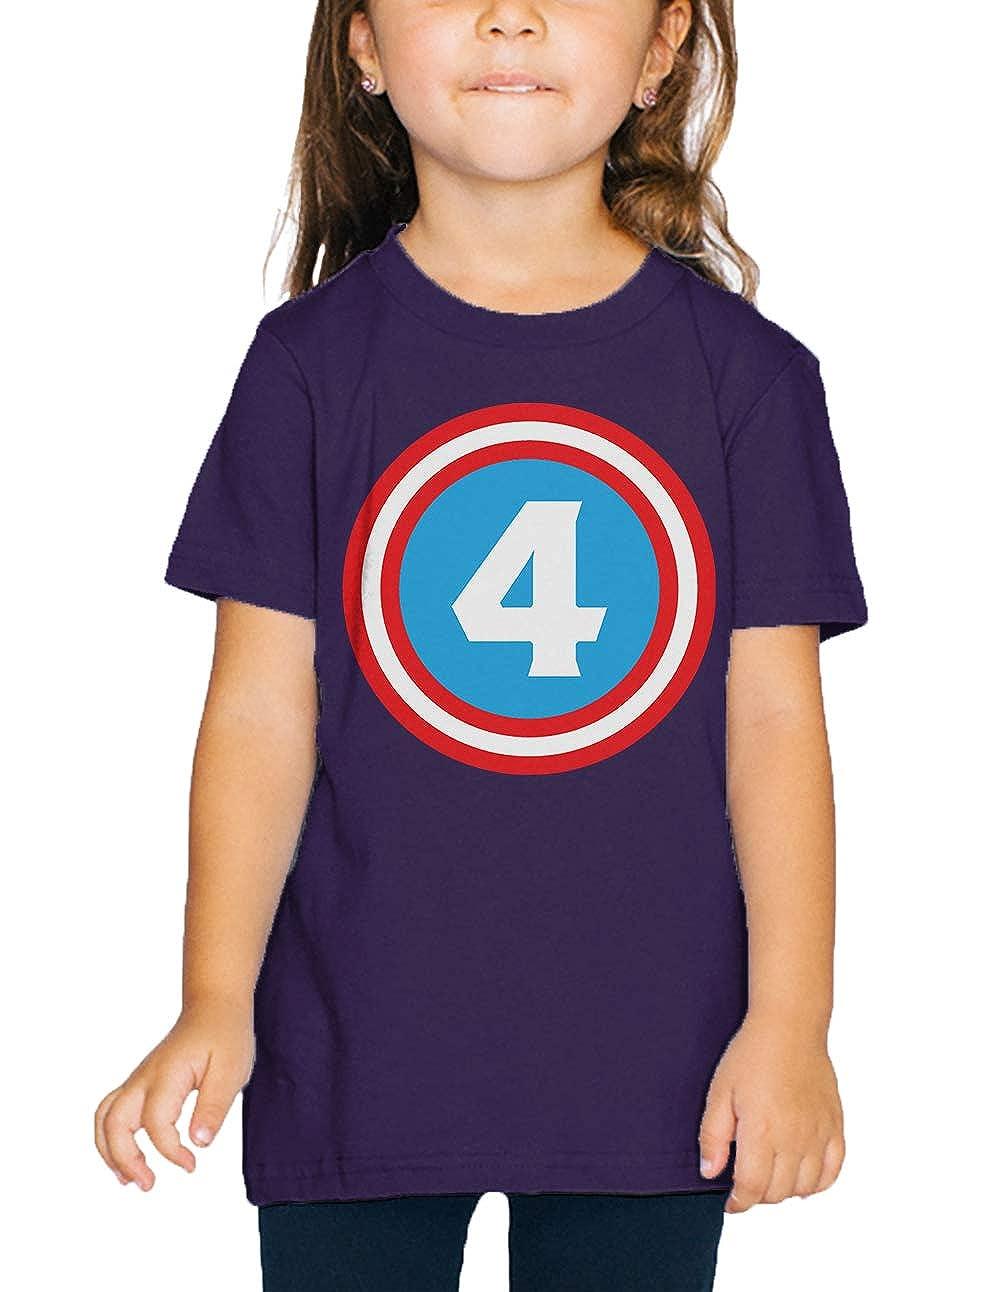 SpiritForged Apparel Superhero Four Year Old Toddler T-Shirt